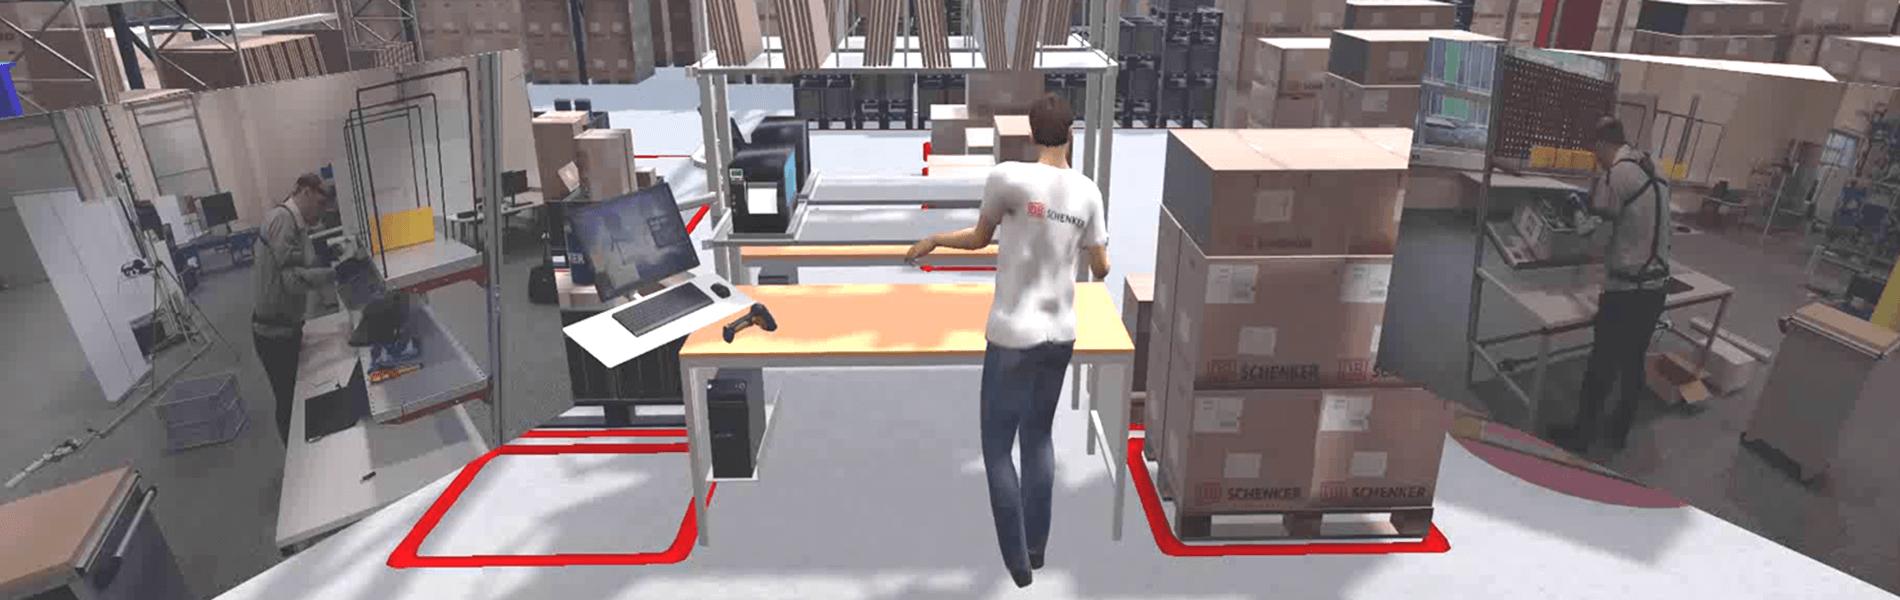 Projekt E-Motion digitalisiert Bewegungsabläufe